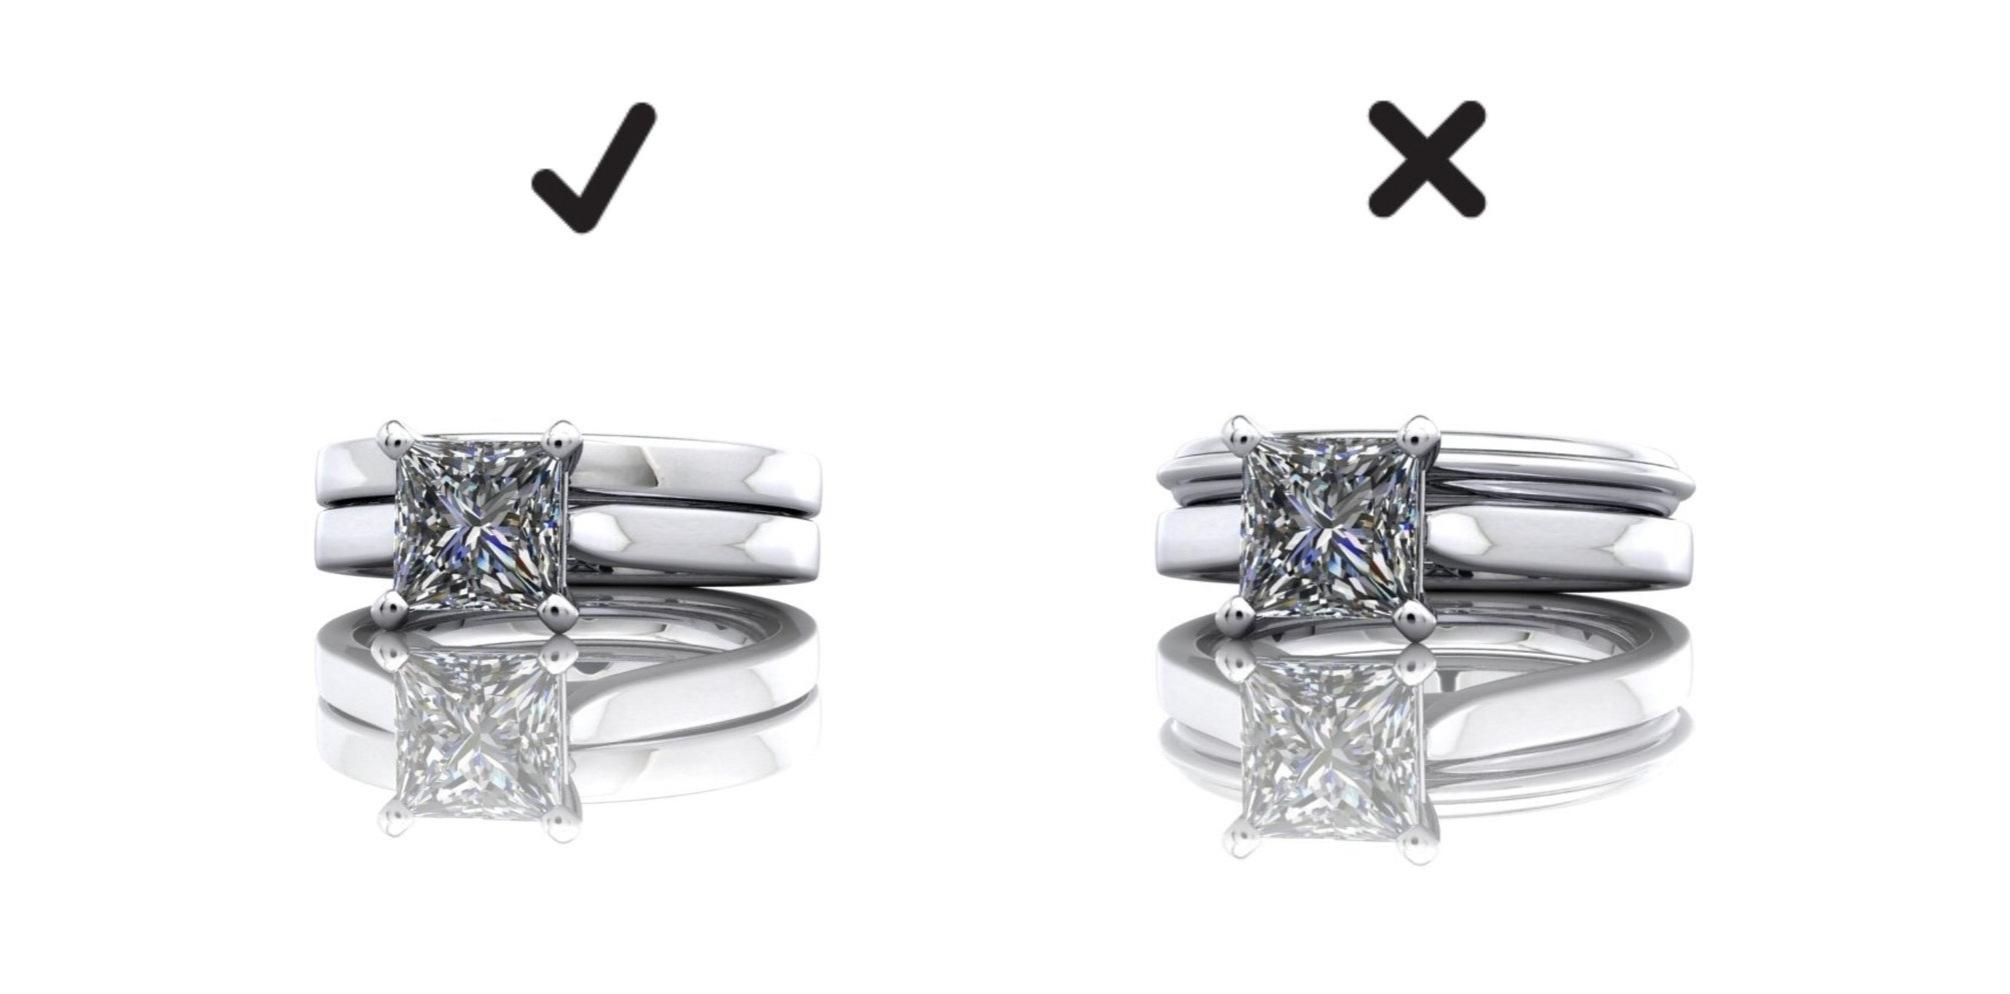 Matching wedding rings